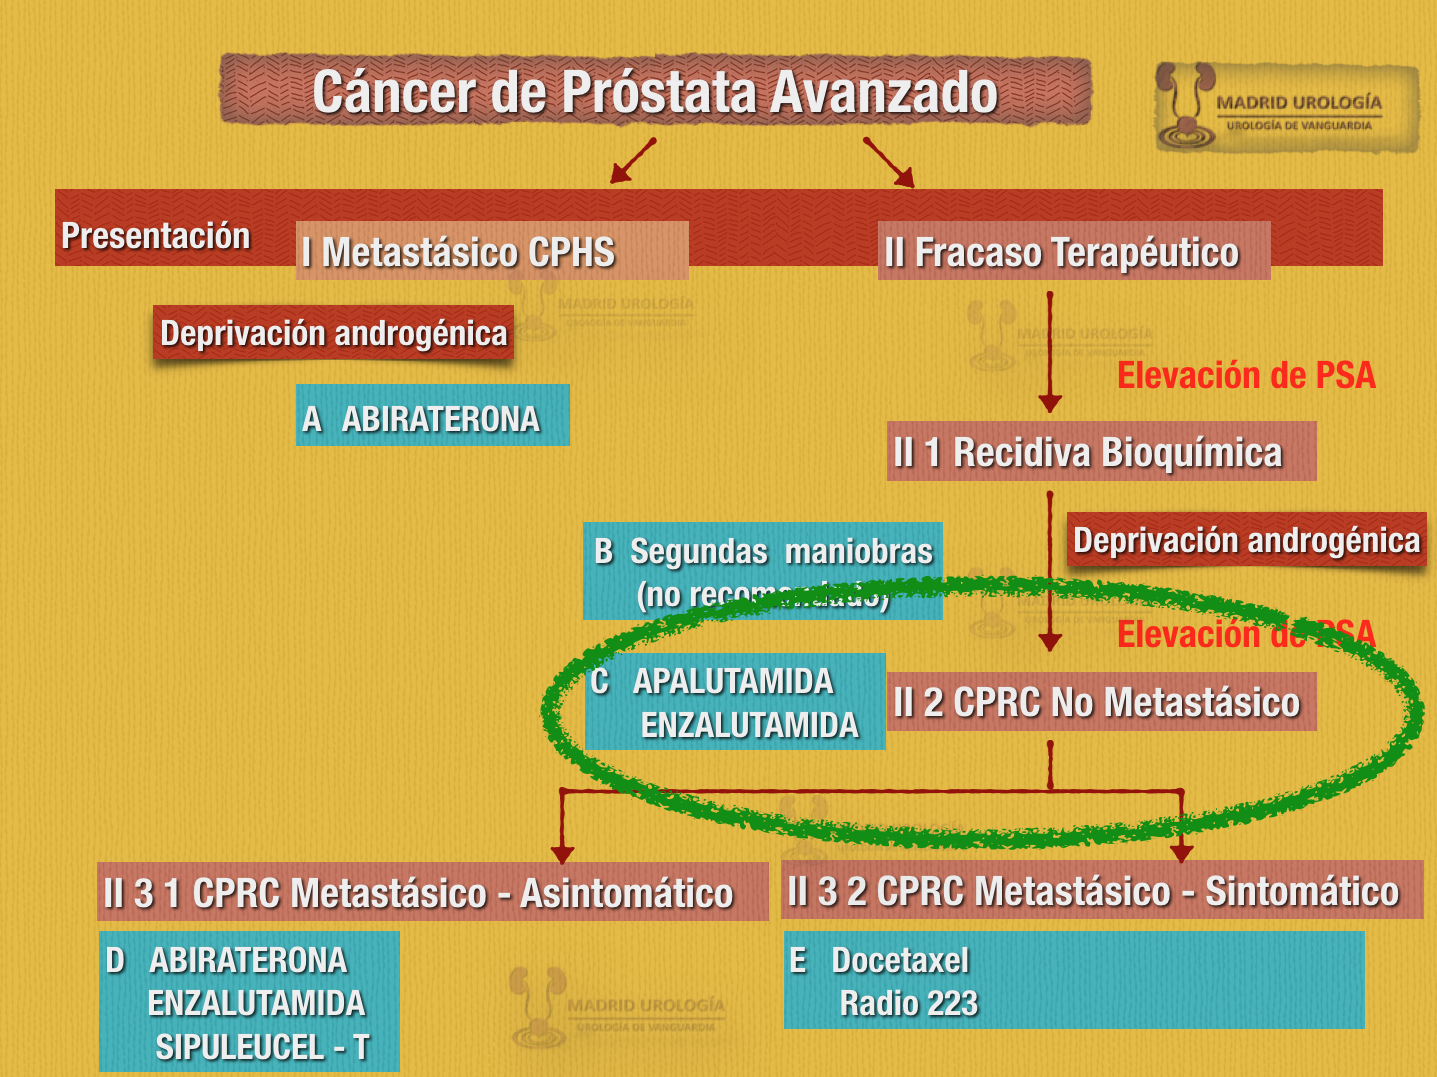 cáncer de próstata avanzado tiempo de vida en